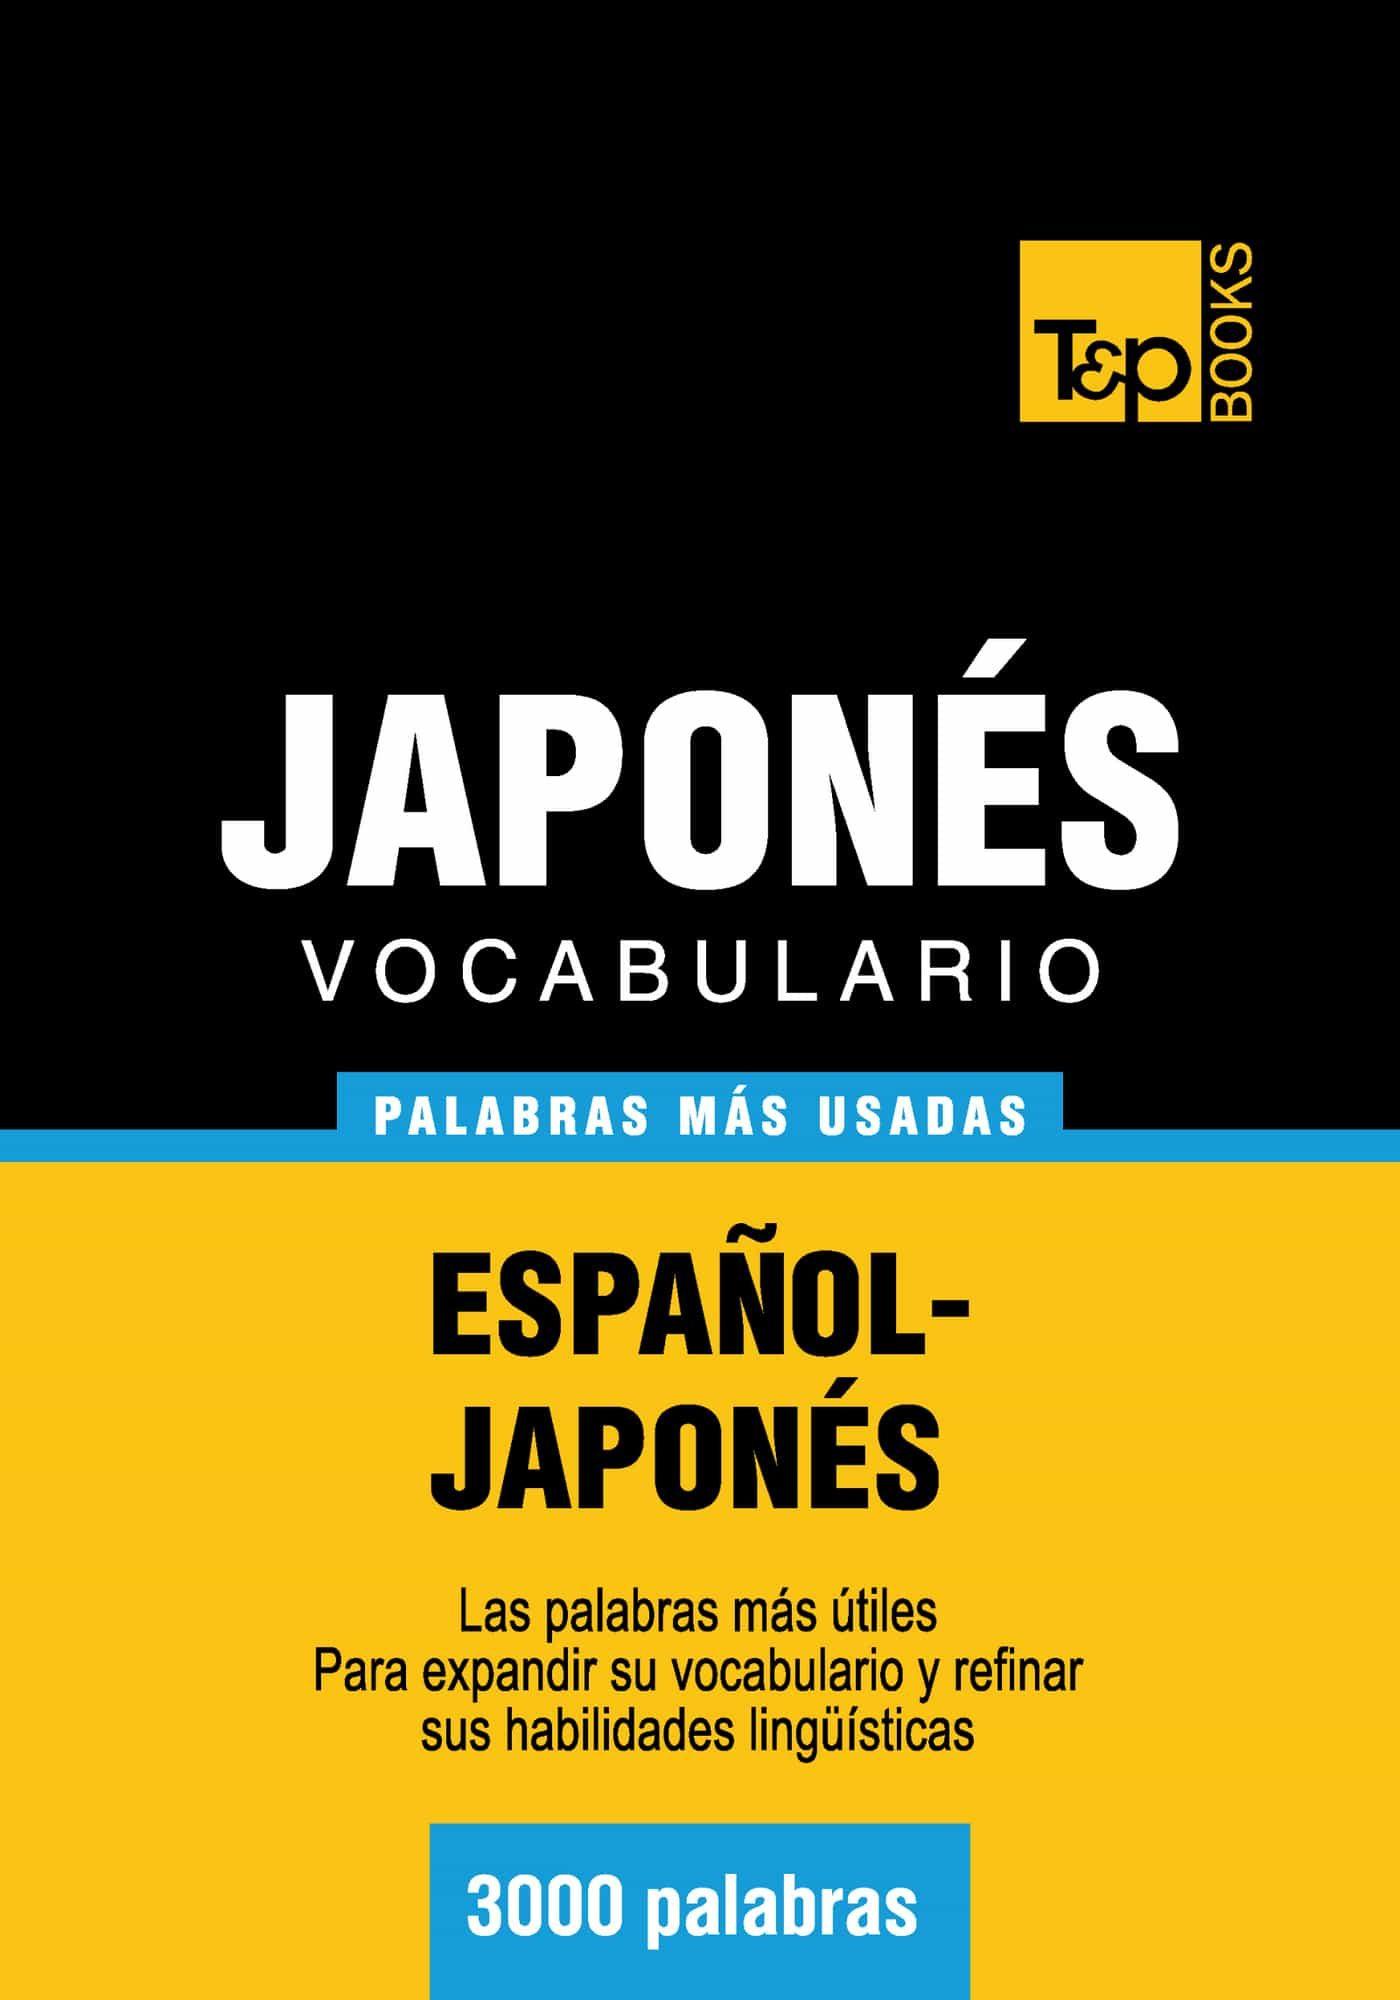 VOCABULARIO ESPAÑOL-JAPONÉS - 3000 PALABRAS MÁS USADAS (EBOOK)